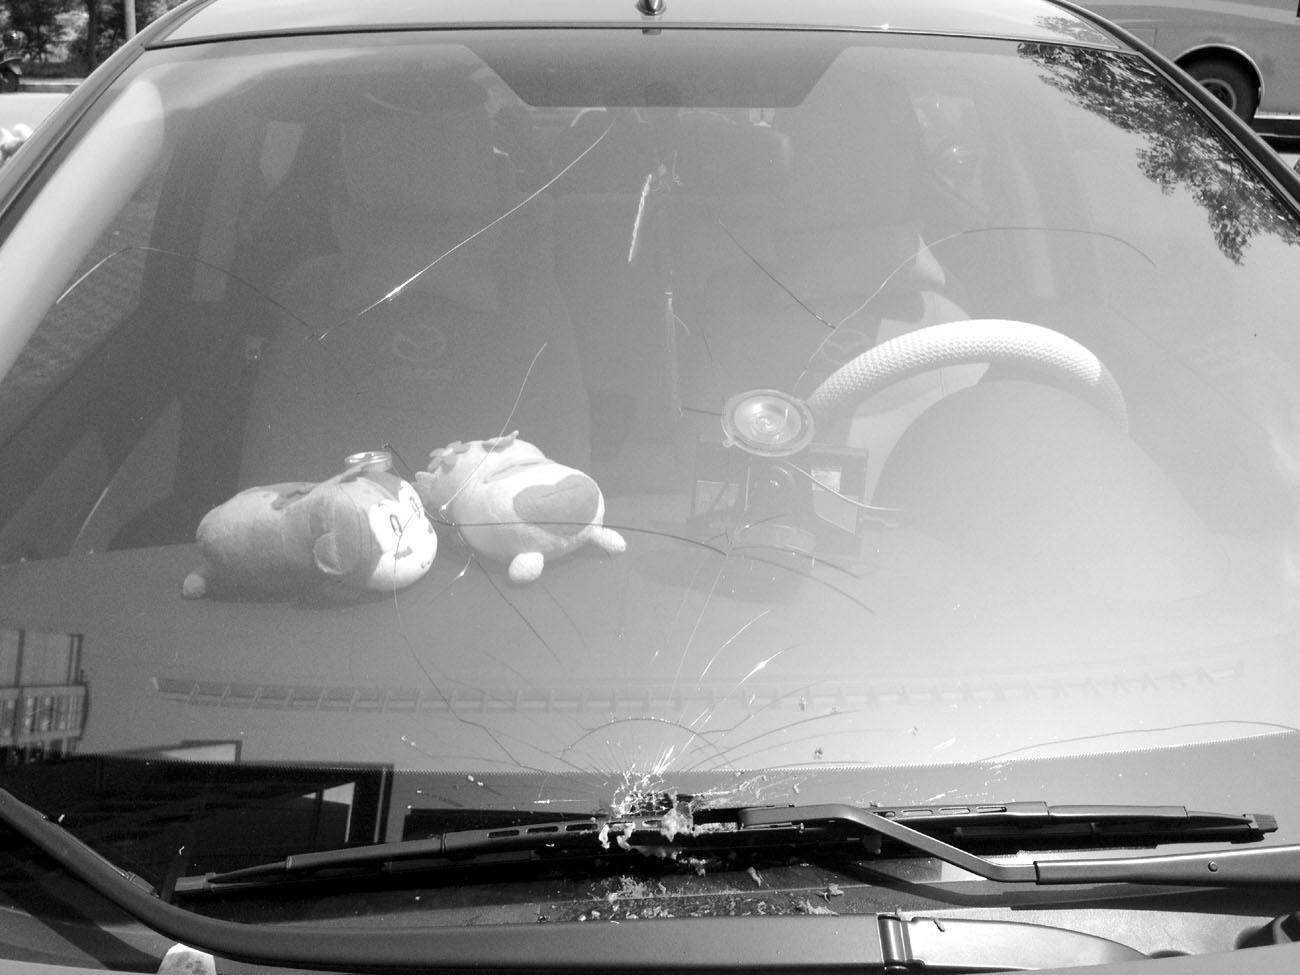 天降桃子砸中汽车挡风玻璃 肇事者无法找到